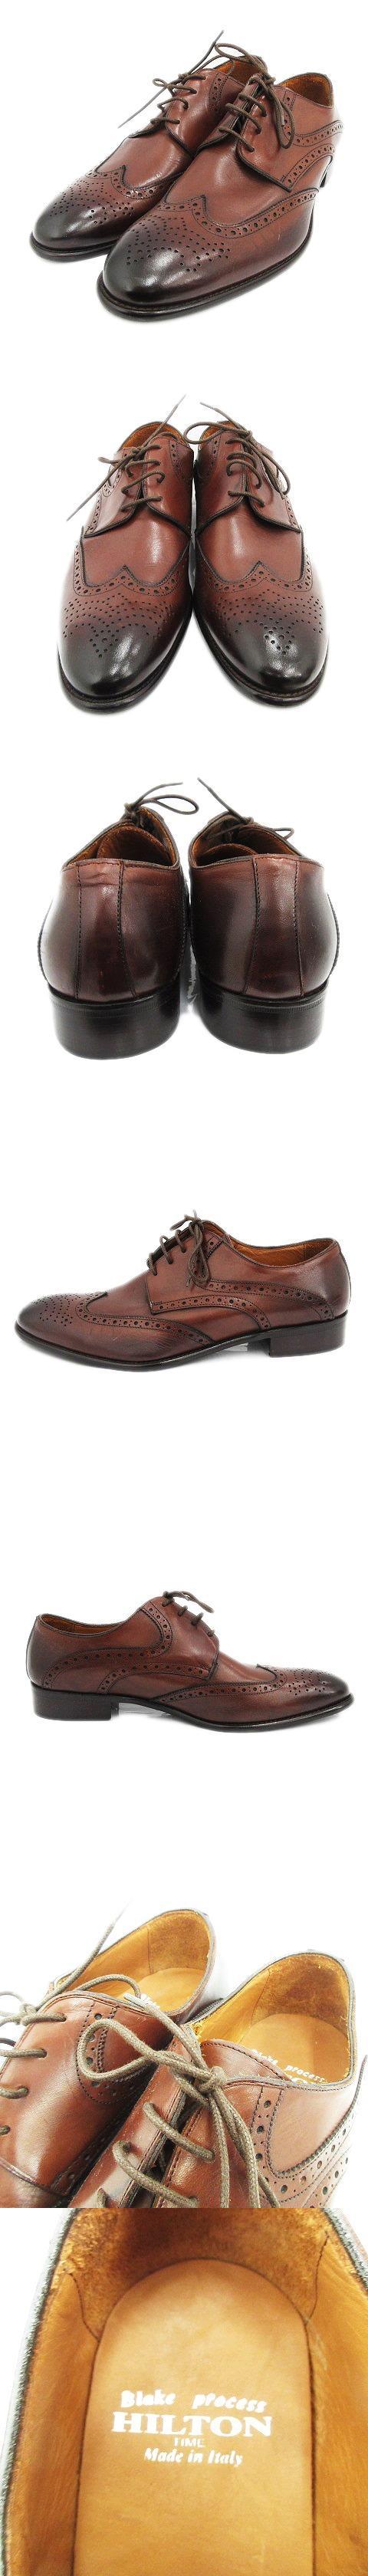 美品 ビジネス シューズ 革靴 レザー ウィングチップ ドレス レースアップ 44 ダークブラウン メンズ/r5